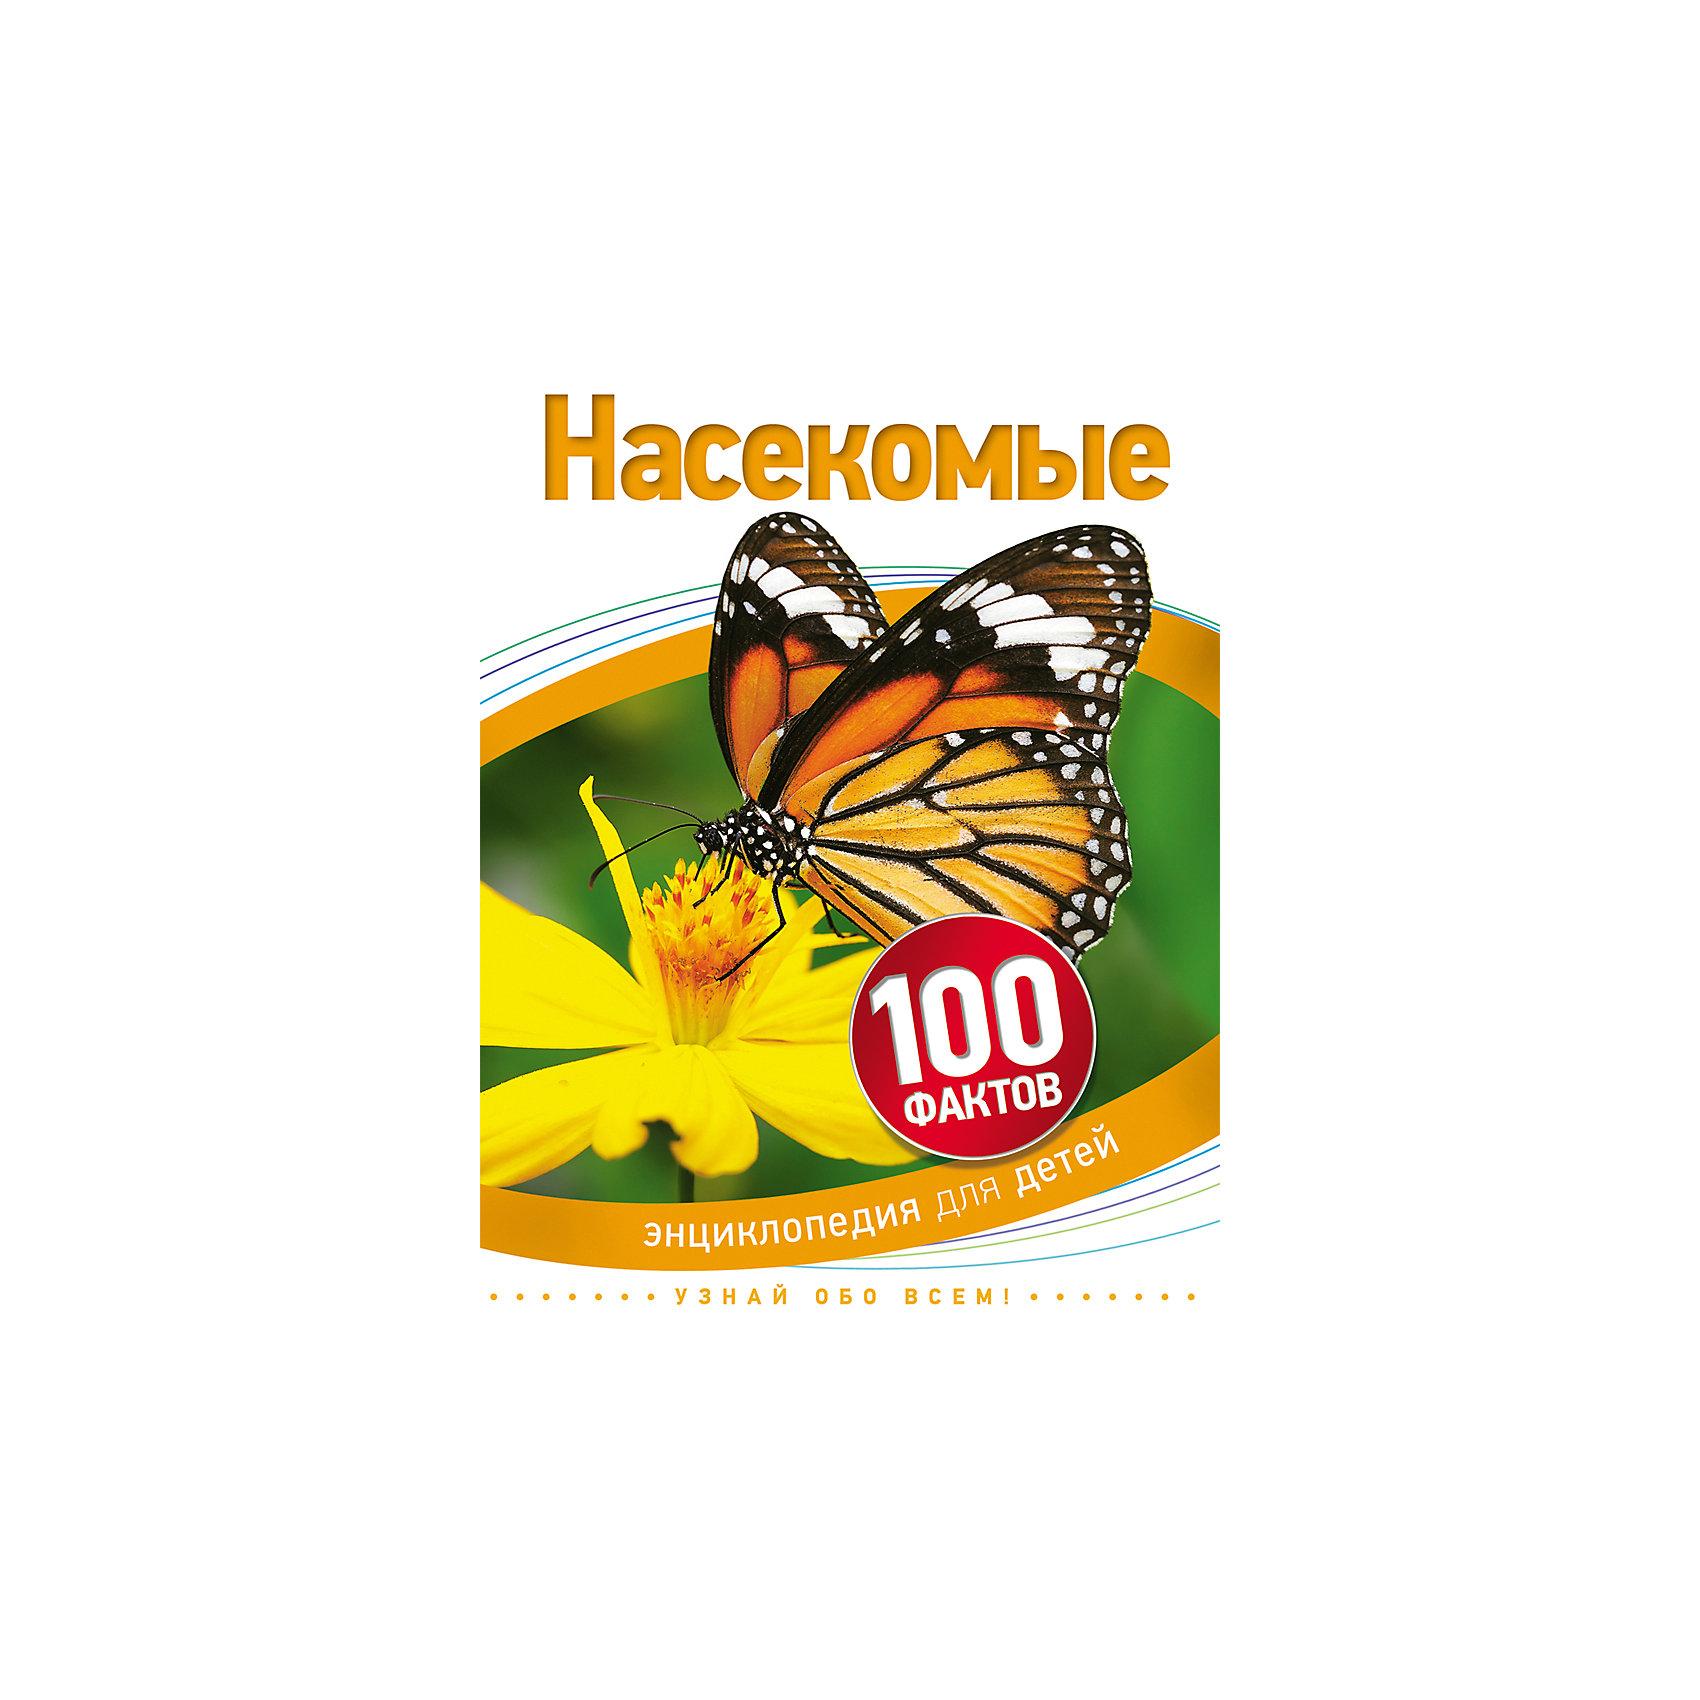 Энциклопедия 100 фактов НасекомыеЭта книга рассказывает об удивительном мире насекомых - самом многочисленном и разнообразном классе живых существ на Земле. Число их видов перевалило за миллион! Насекомые повсюду: на земле, в почве, в воздухе и в воде. Их можно встретить даже в Антарктиде и Арктике. Читатель узнает о строении и поведении насекомых, их приспособлениях к тем или иным условиям существования, способах маскировки, о роли в природе и жизни человека и о многом другом. Издание проиллюстрировано великолепными фотографиями и забавными рисунками.<br><br>Ширина мм: 222<br>Глубина мм: 168<br>Высота мм: 7<br>Вес г: 202<br>Возраст от месяцев: 72<br>Возраст до месяцев: 144<br>Пол: Унисекс<br>Возраст: Детский<br>SKU: 4637414